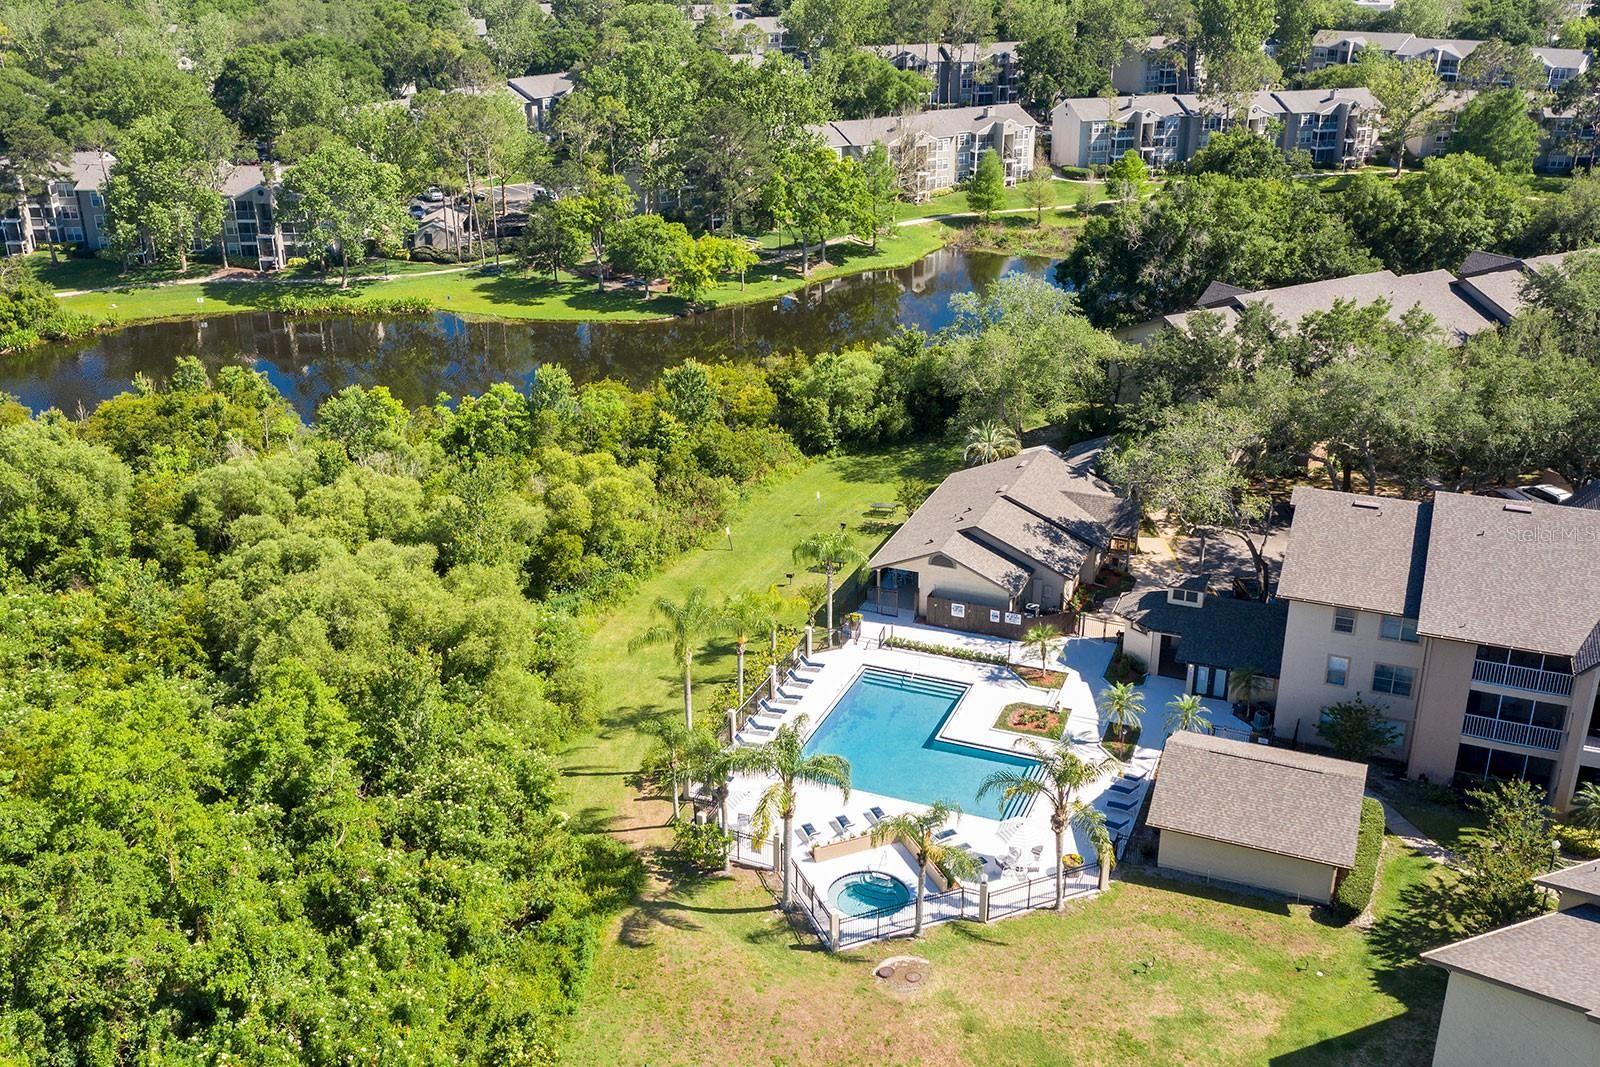 615 DORY LANE #303, Altamonte Springs, FL 32714 - #: O5951890